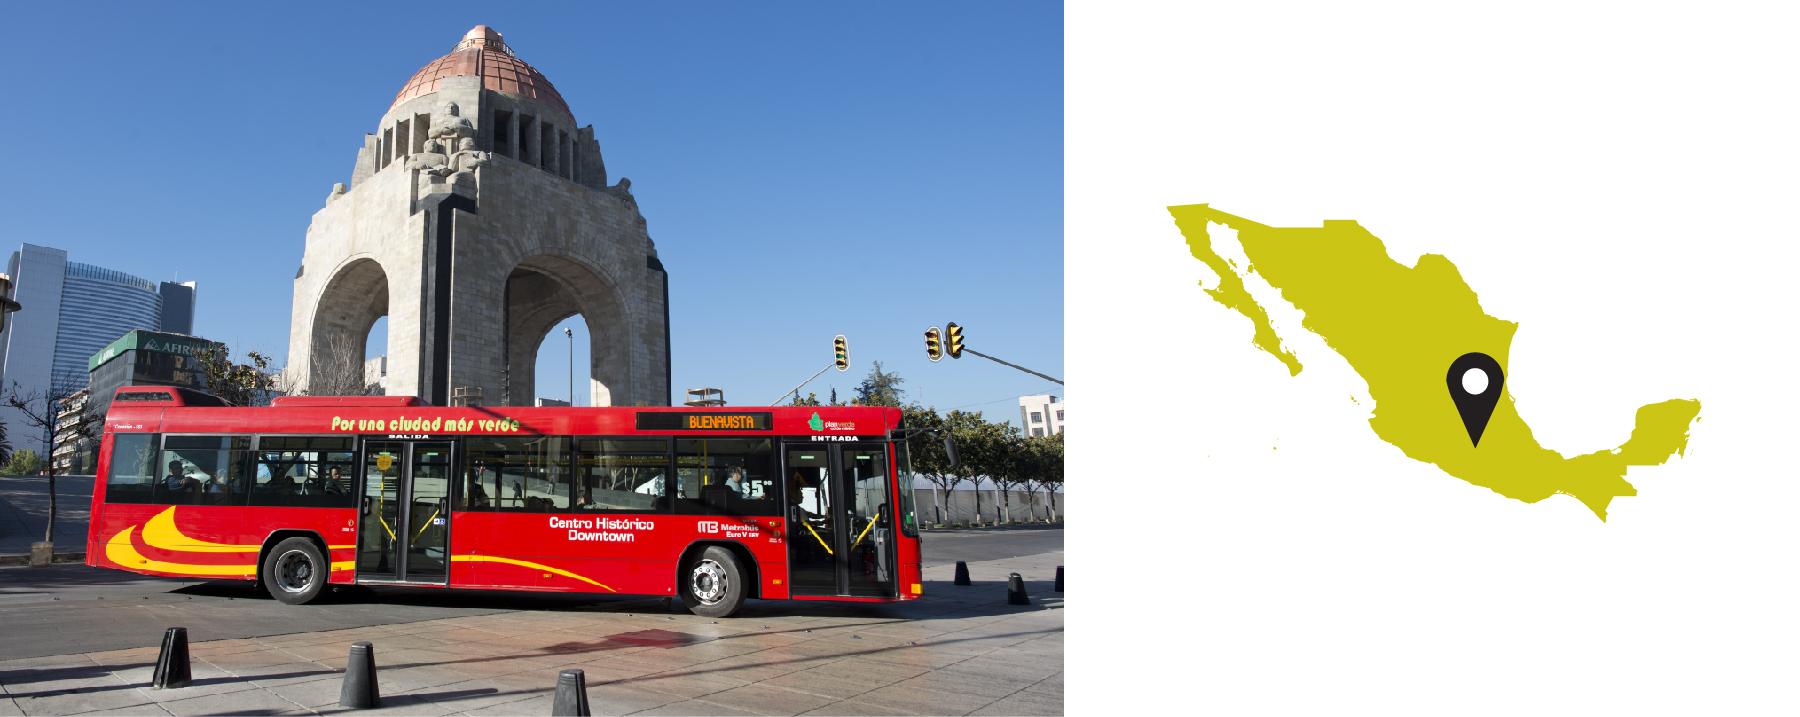 BRT_In_Action_Images-02.jpg